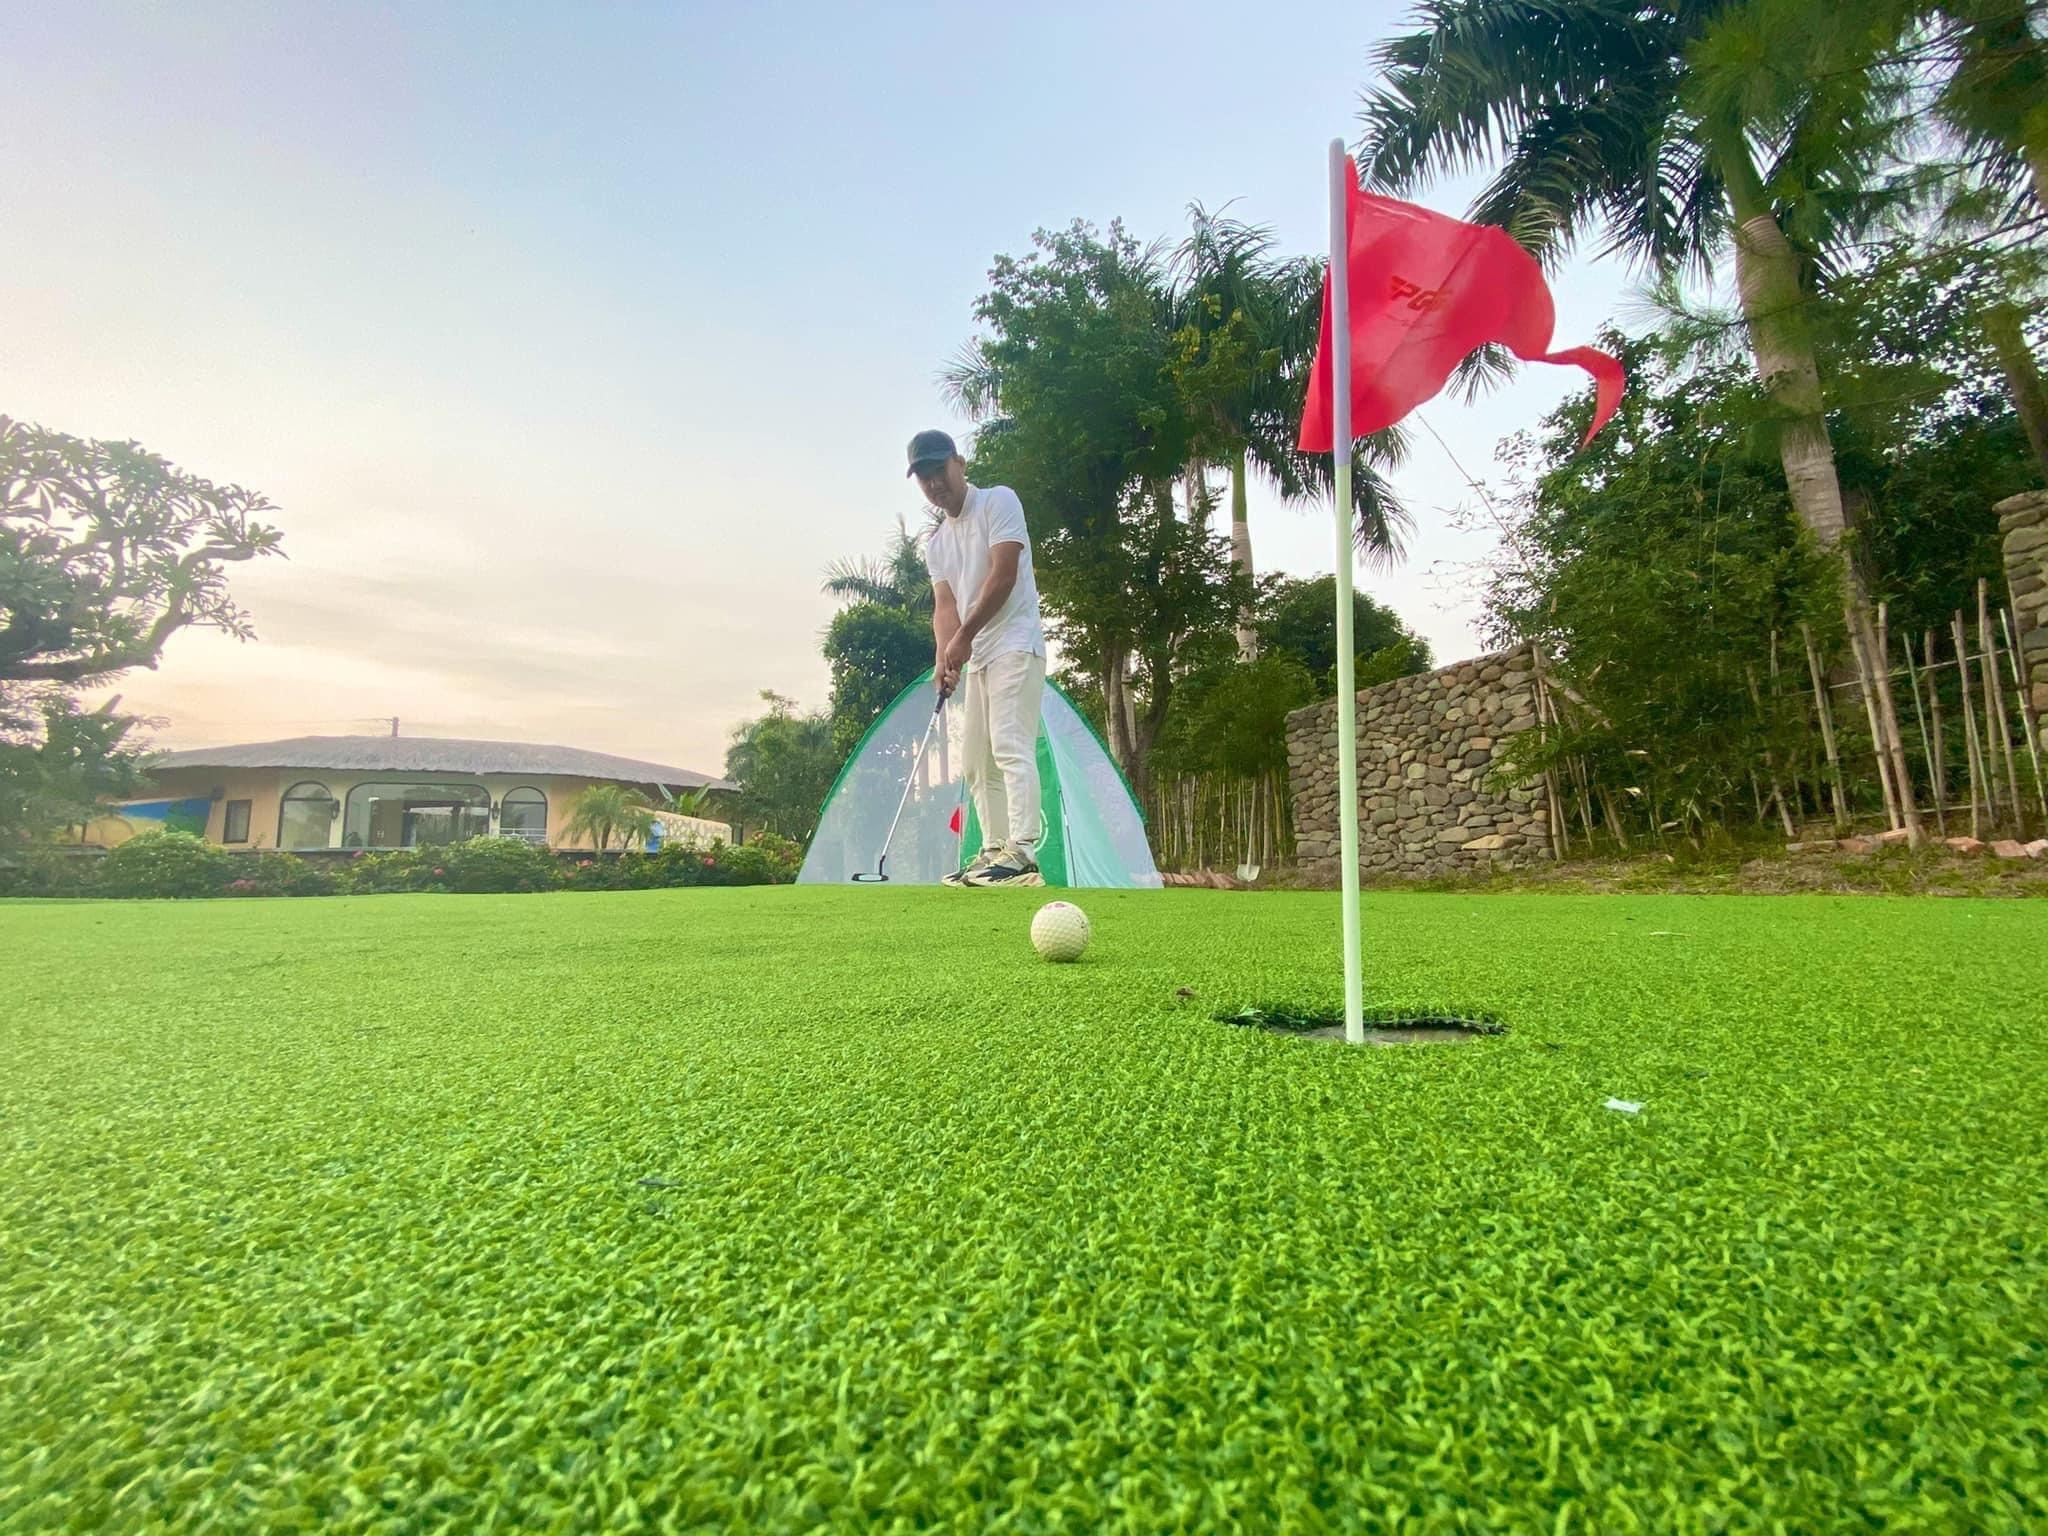 Vợ chồng Hà Nội về ngoại ô xây nhà mái lá, có đủ bể bơi xanh mát-16